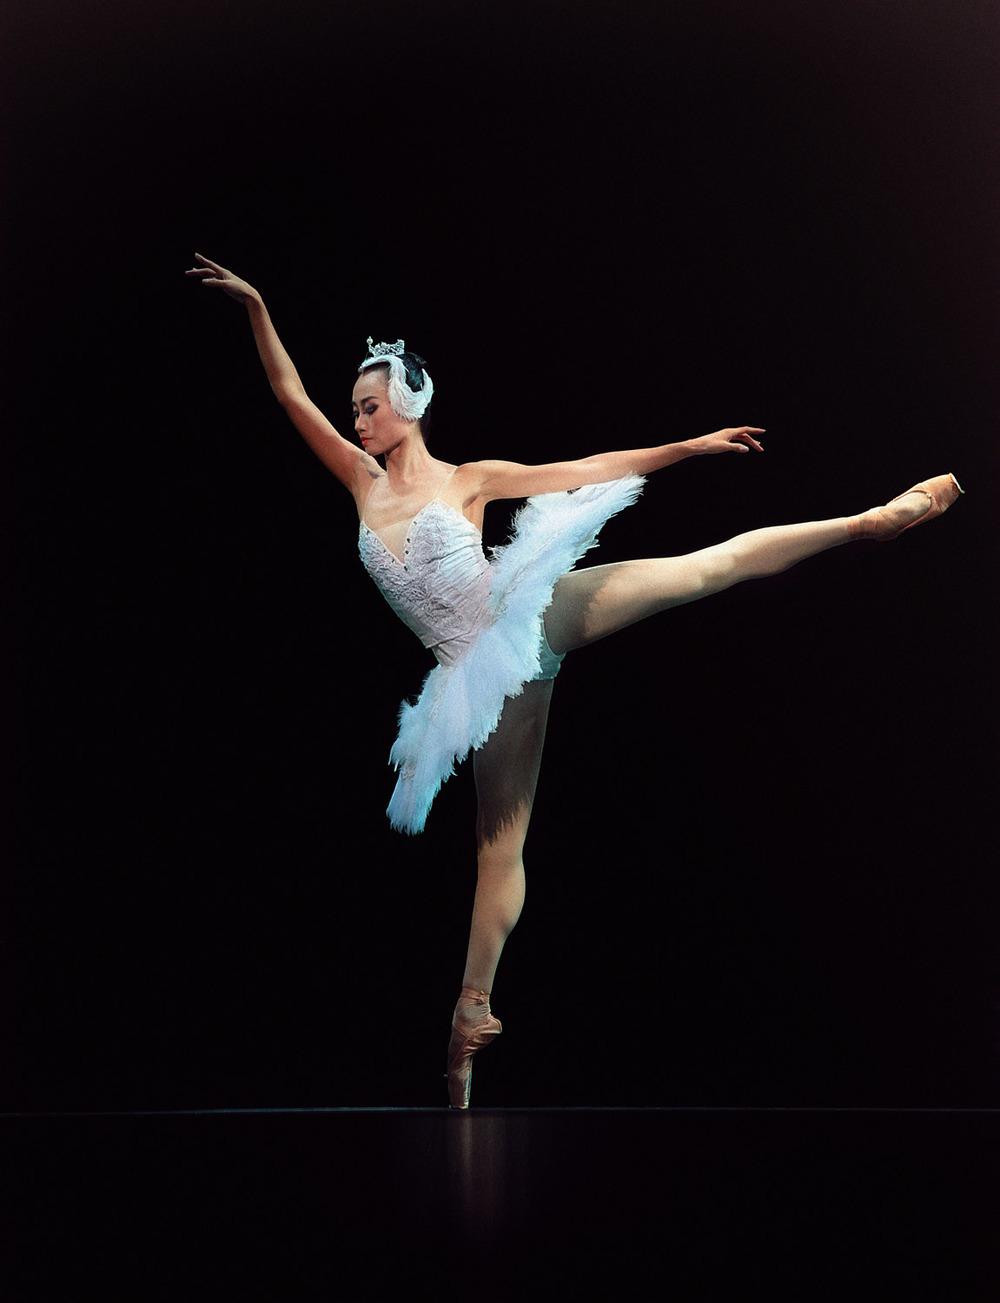 香港芭蕾舞团�天鹅湖